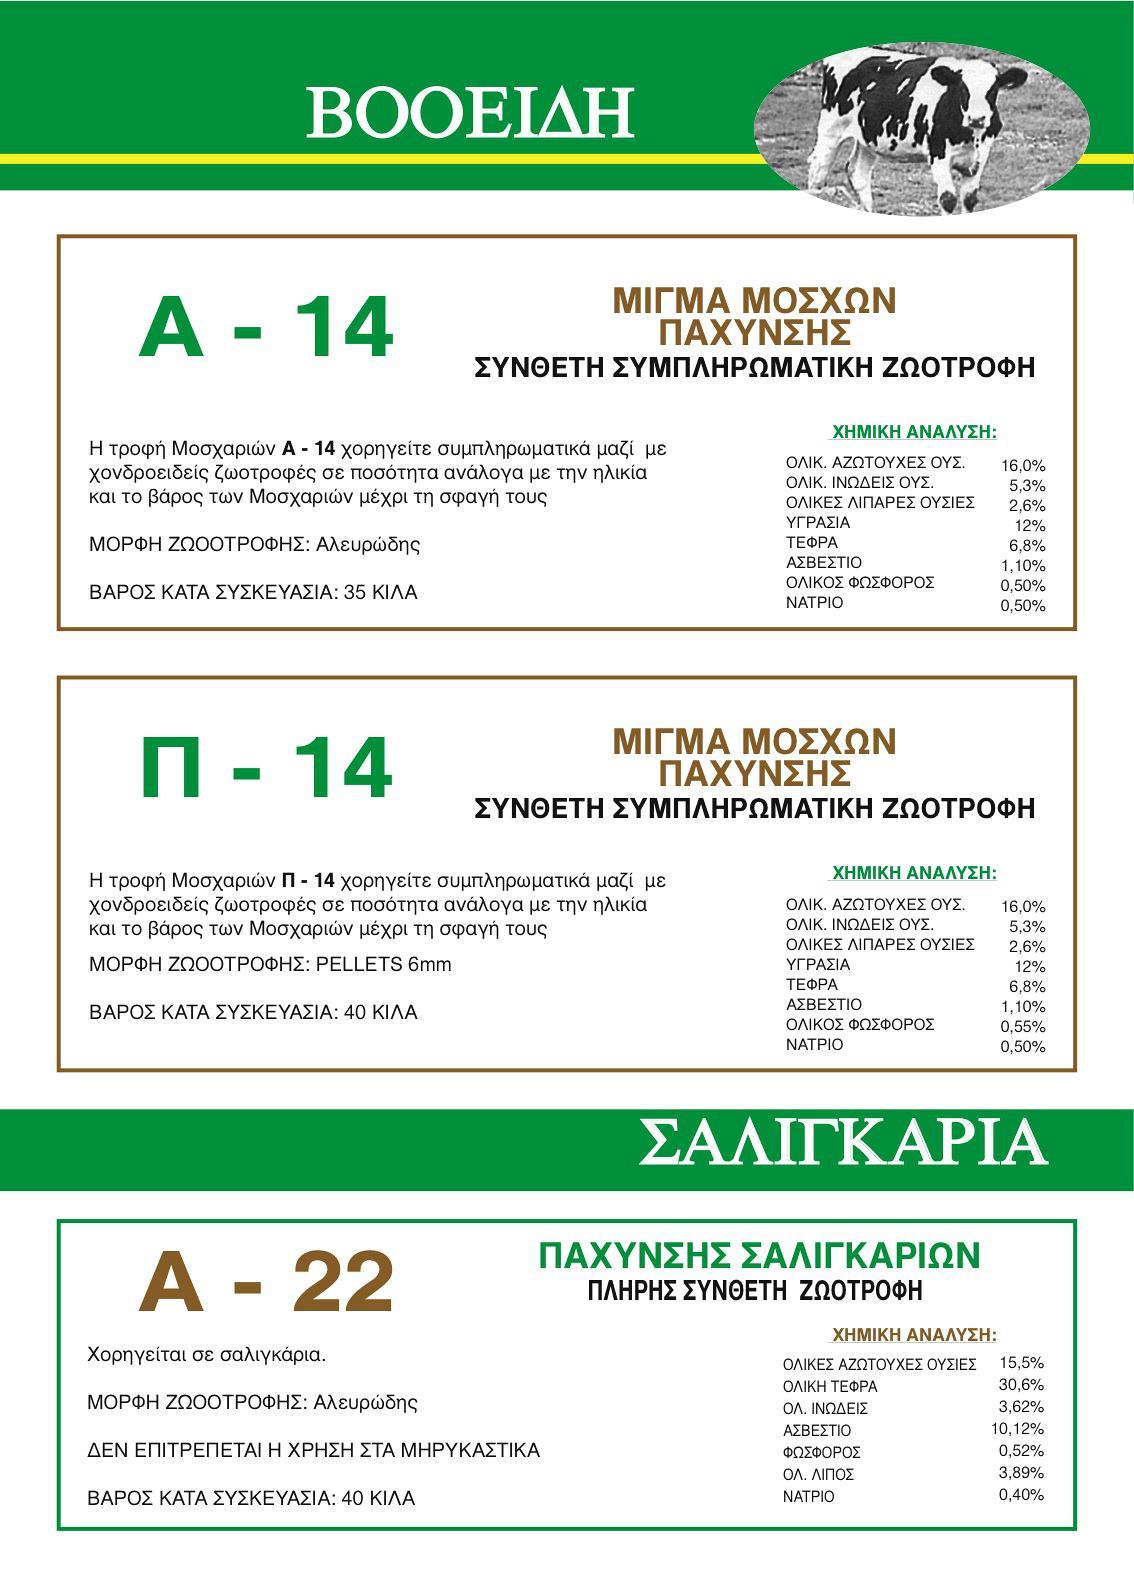 σελ. 4 (1)